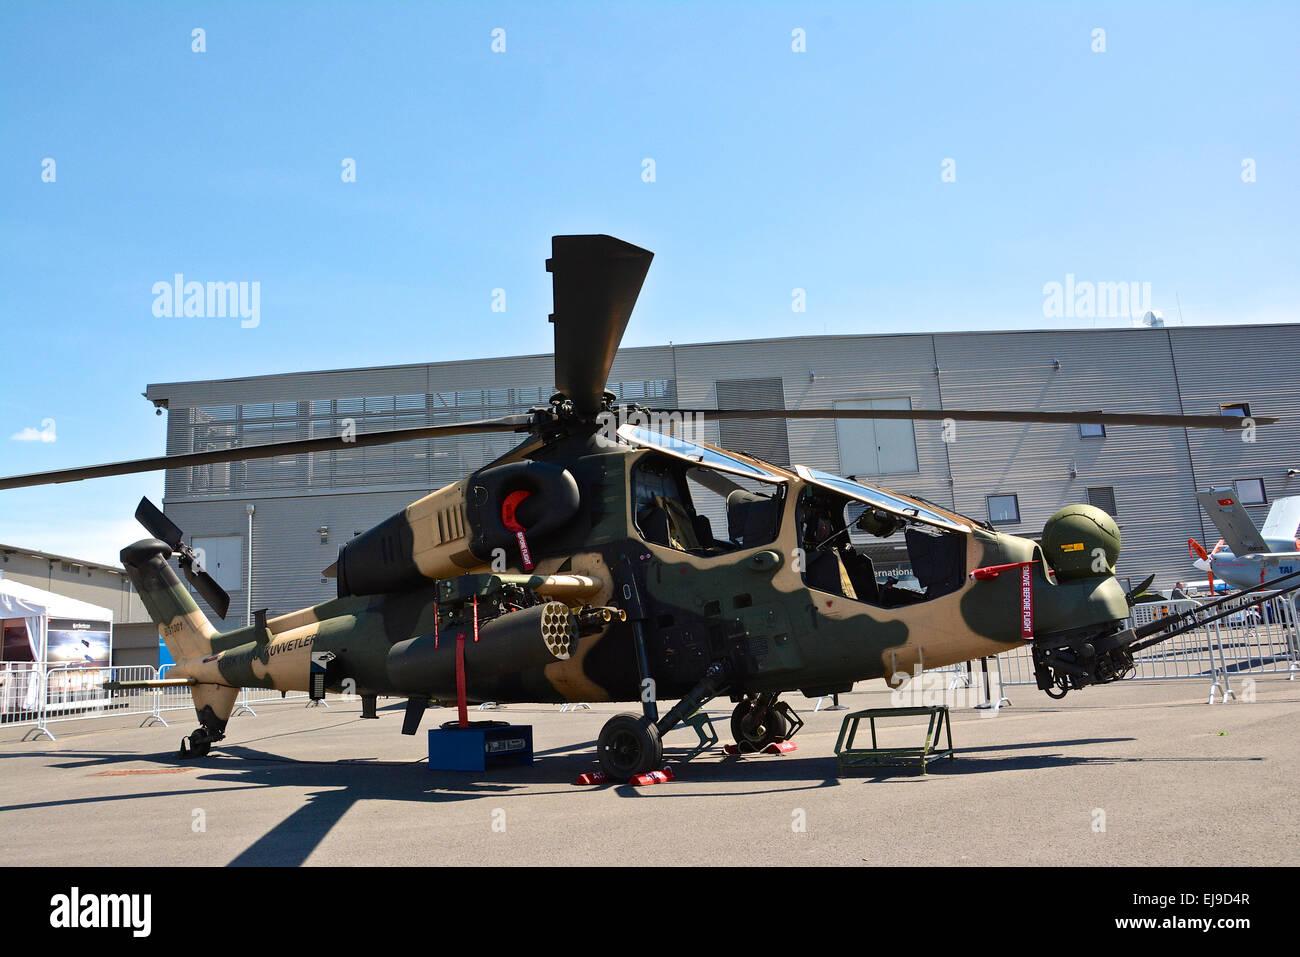 Elicottero T 129 : Bagno turco attac elicottero t129 atak foto & immagine stock